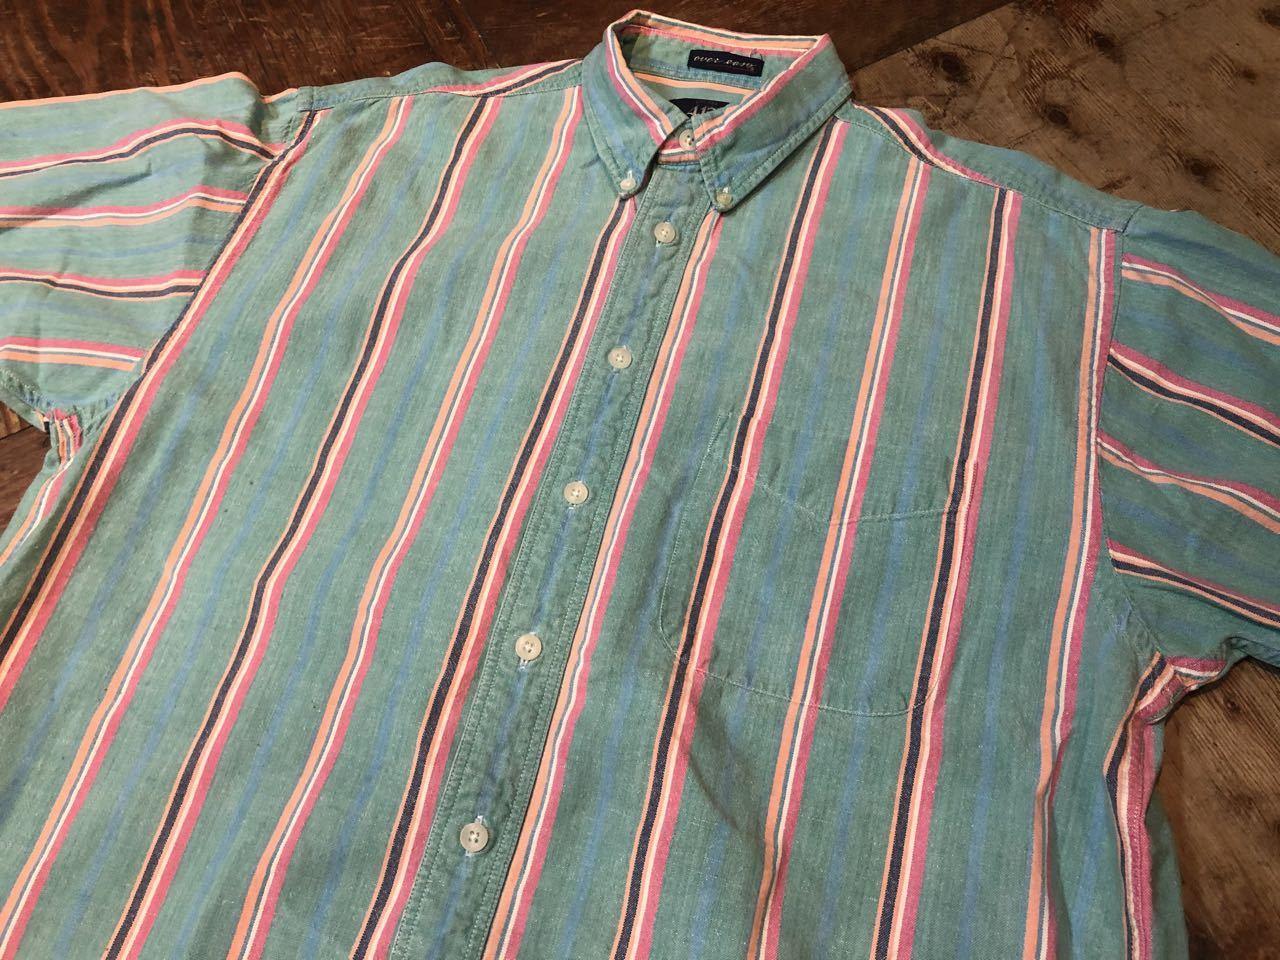 6月8日(月)入荷!80s VAN HUSEN all cotton ストライプ ボタンシャツ!_c0144020_12520194.jpg